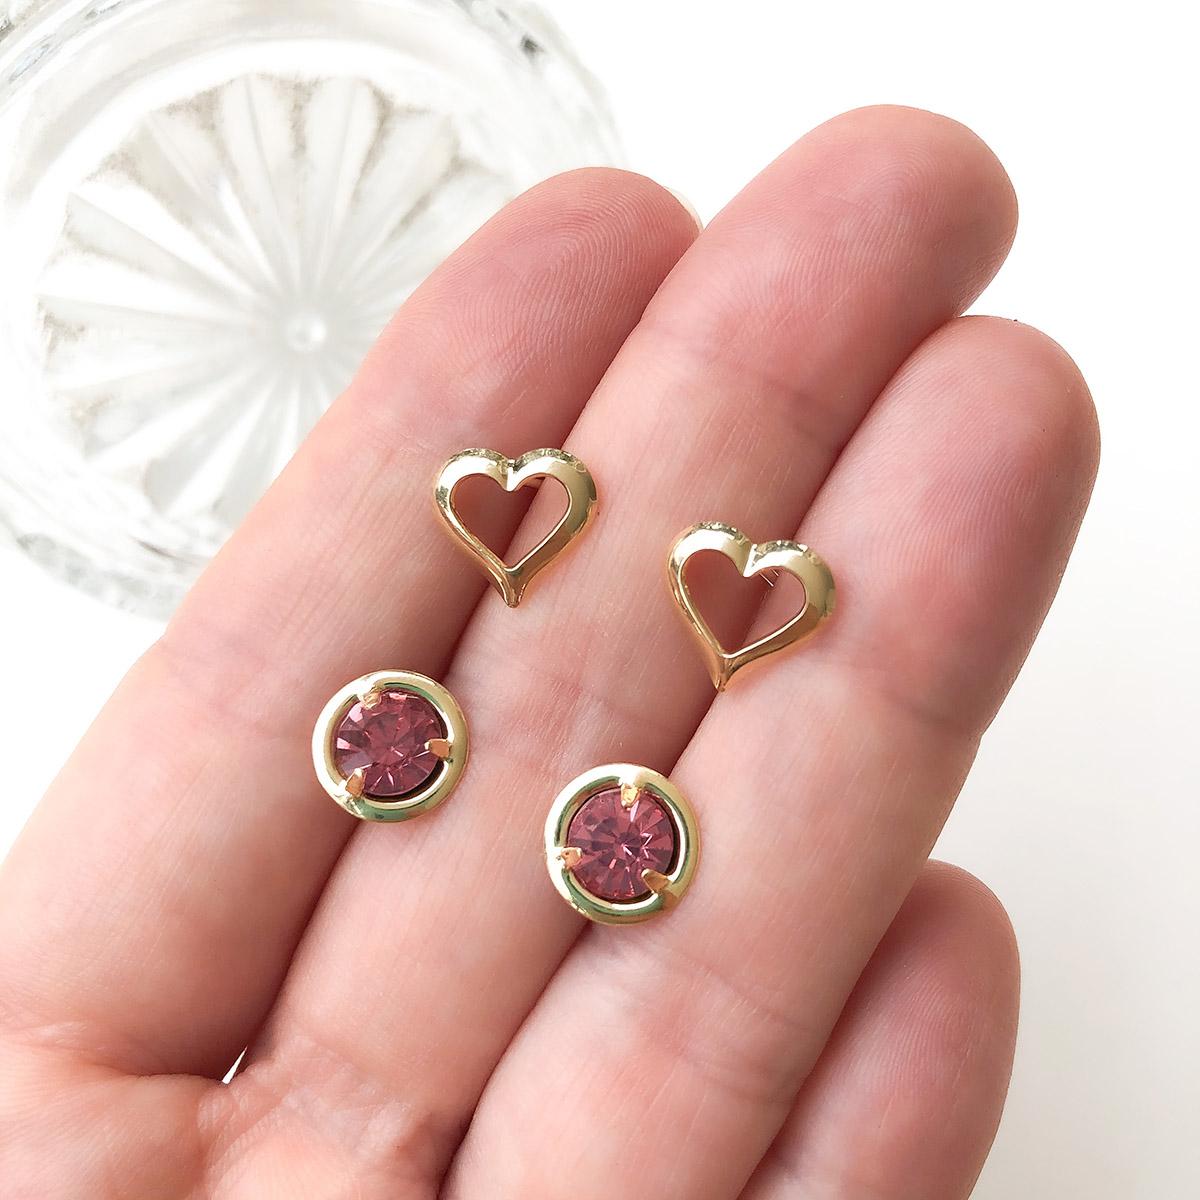 Kit Brinco 2 Pçs Folheado a Ouro 18k Coração e Ponto de Luz Rosa